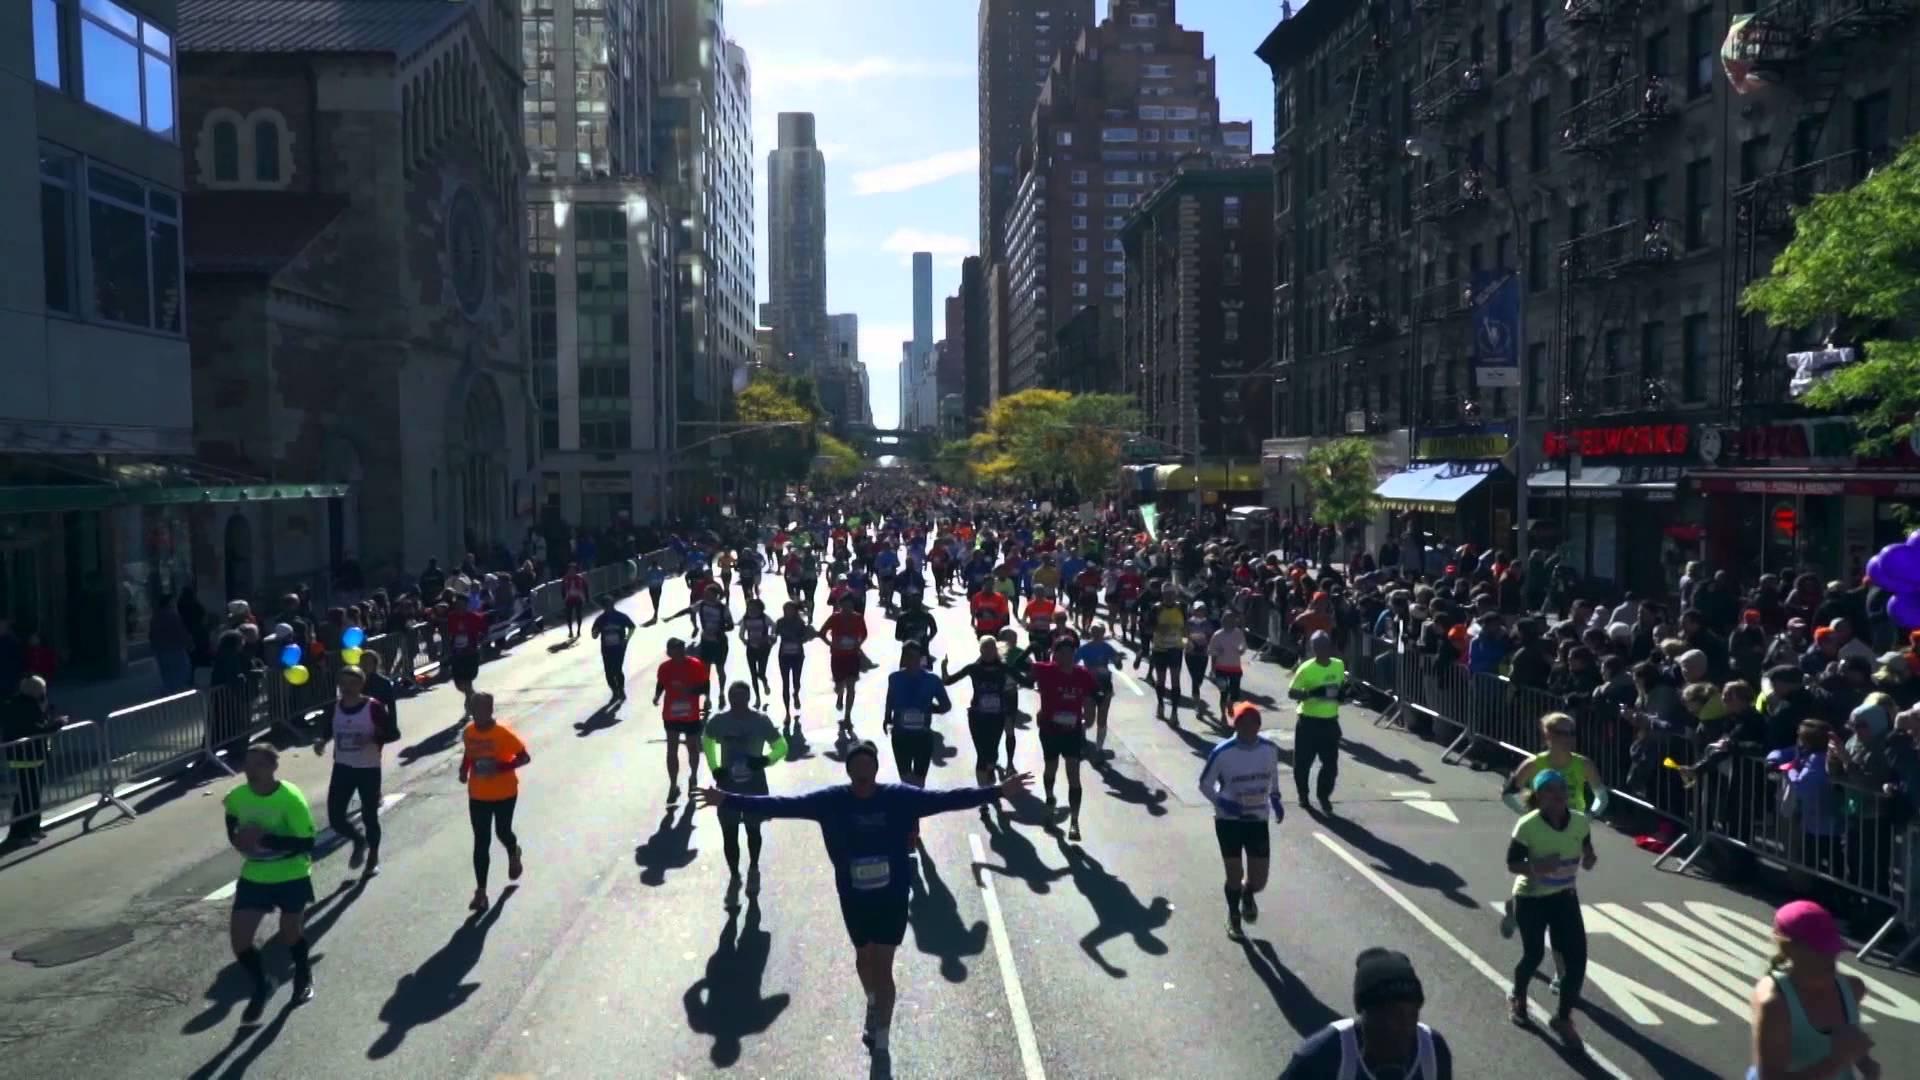 NY Marathon image1